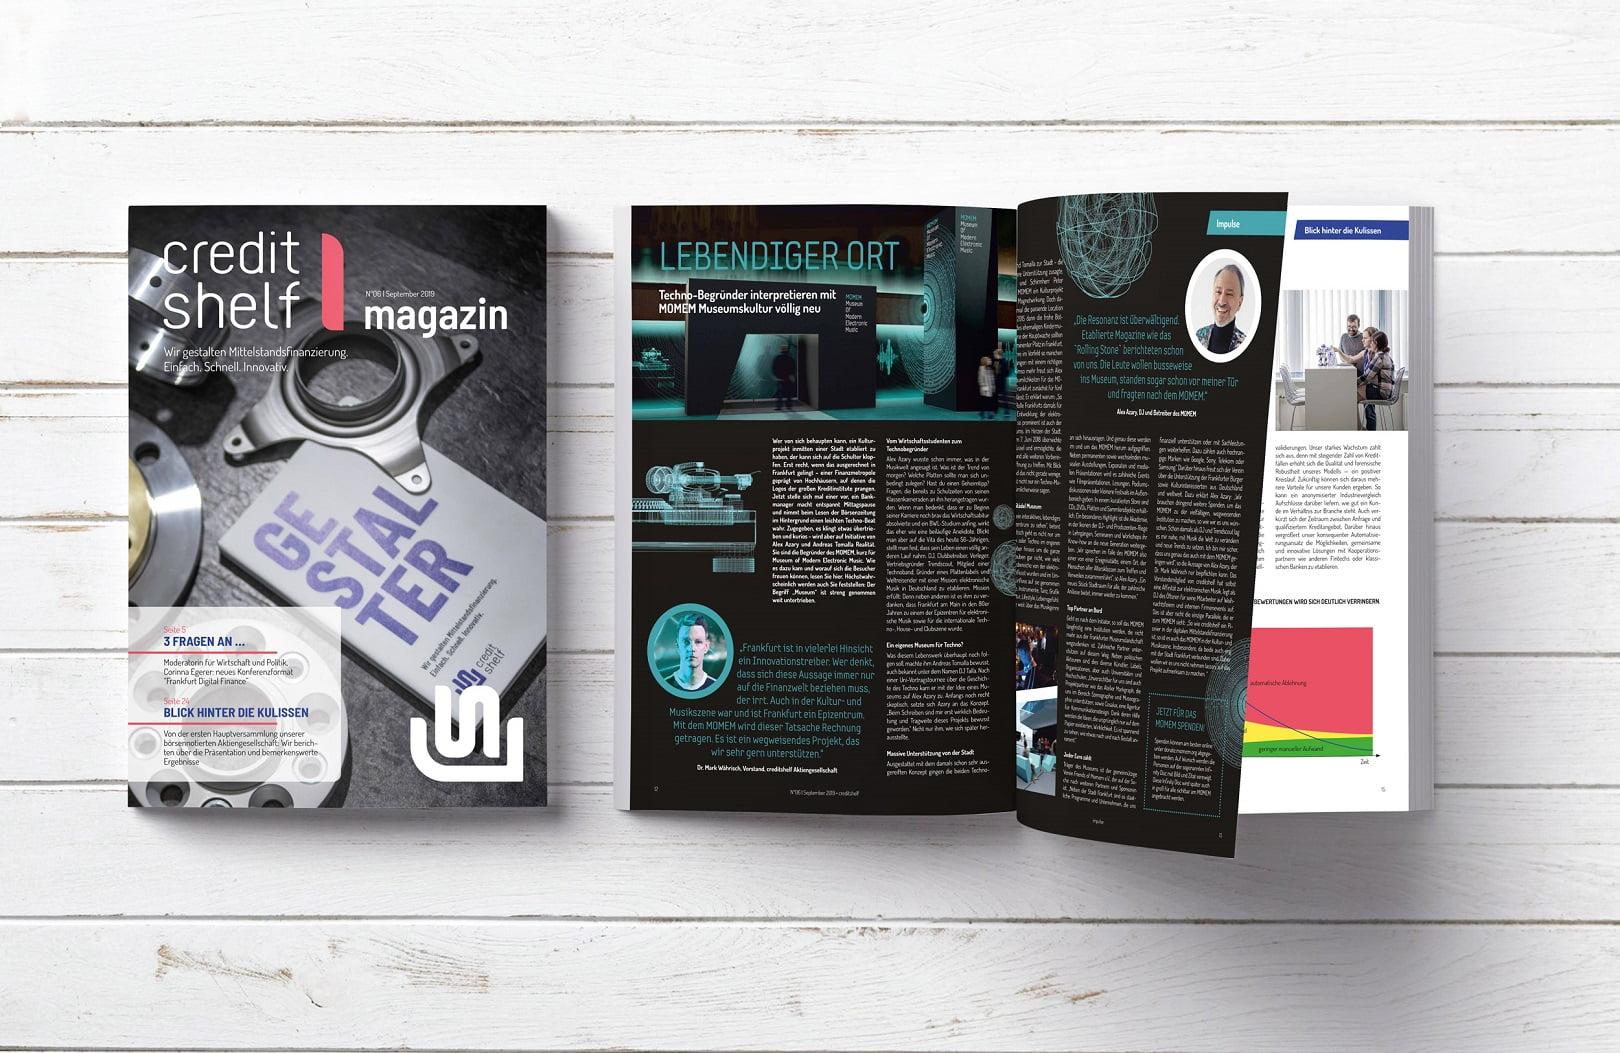 creditshelf-magazin-beispiel